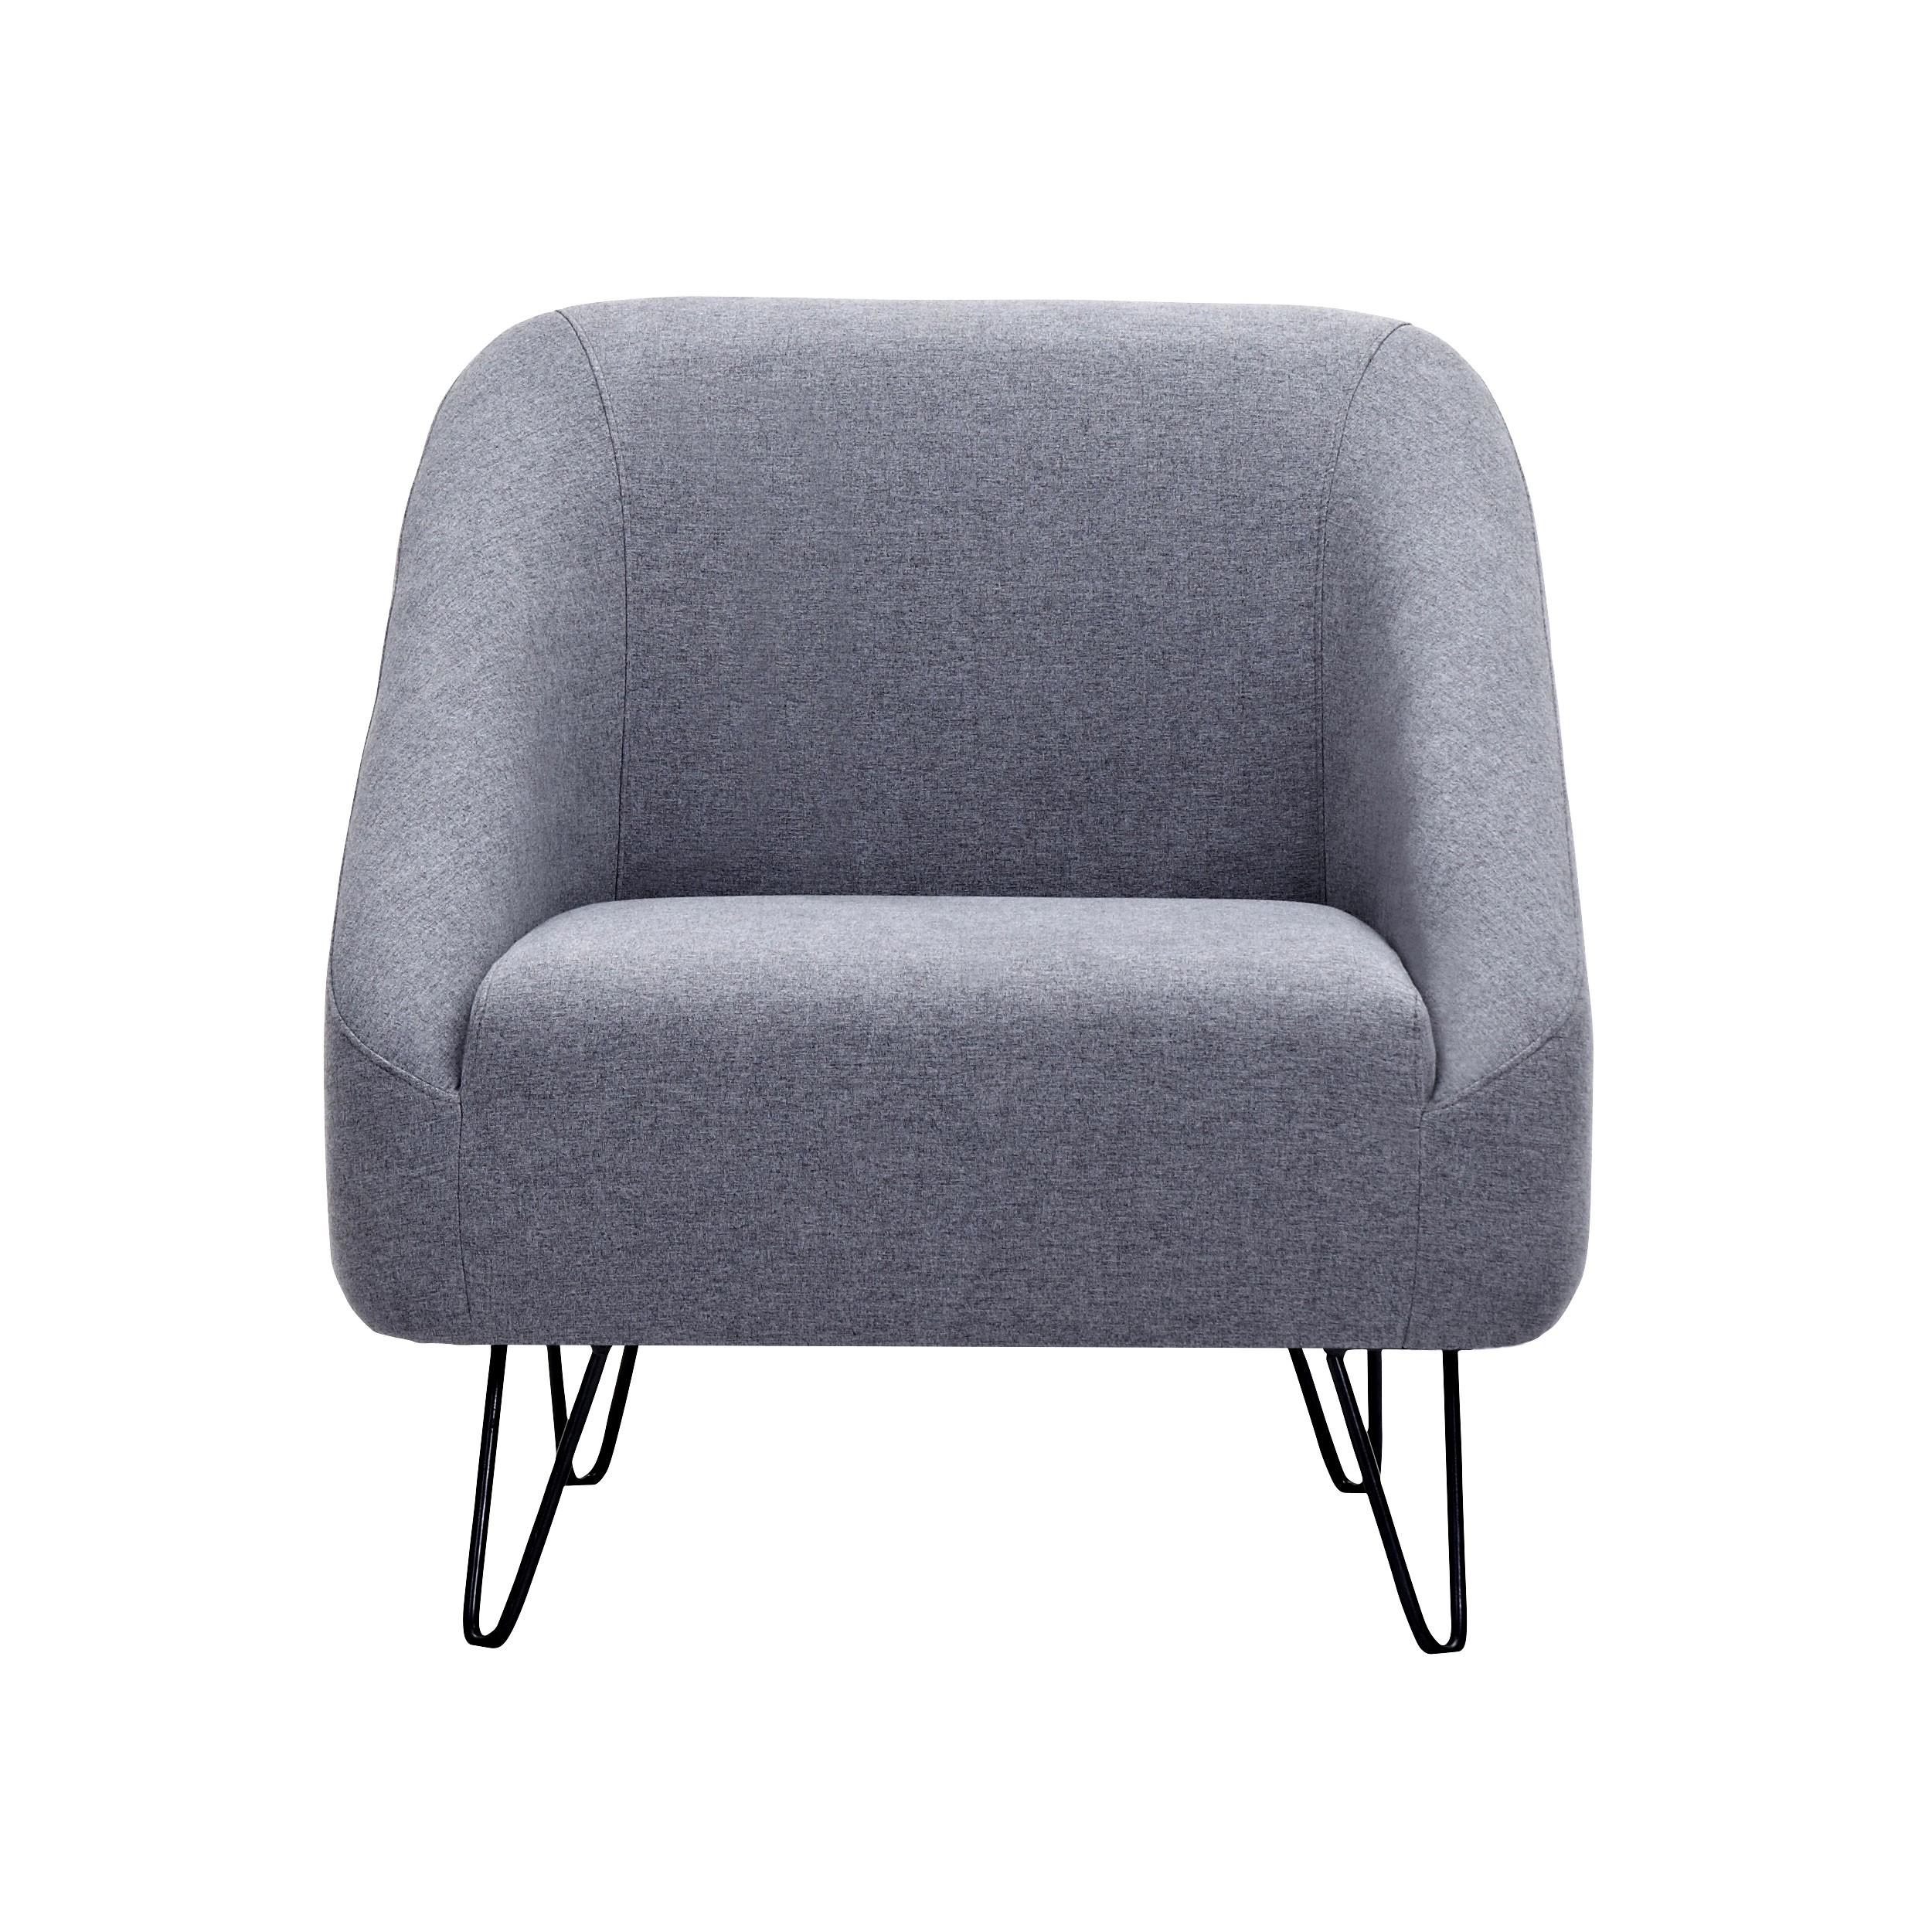 Fauteuil Bakki gris foncé adoptez les fauteuils Bakki gris foncé